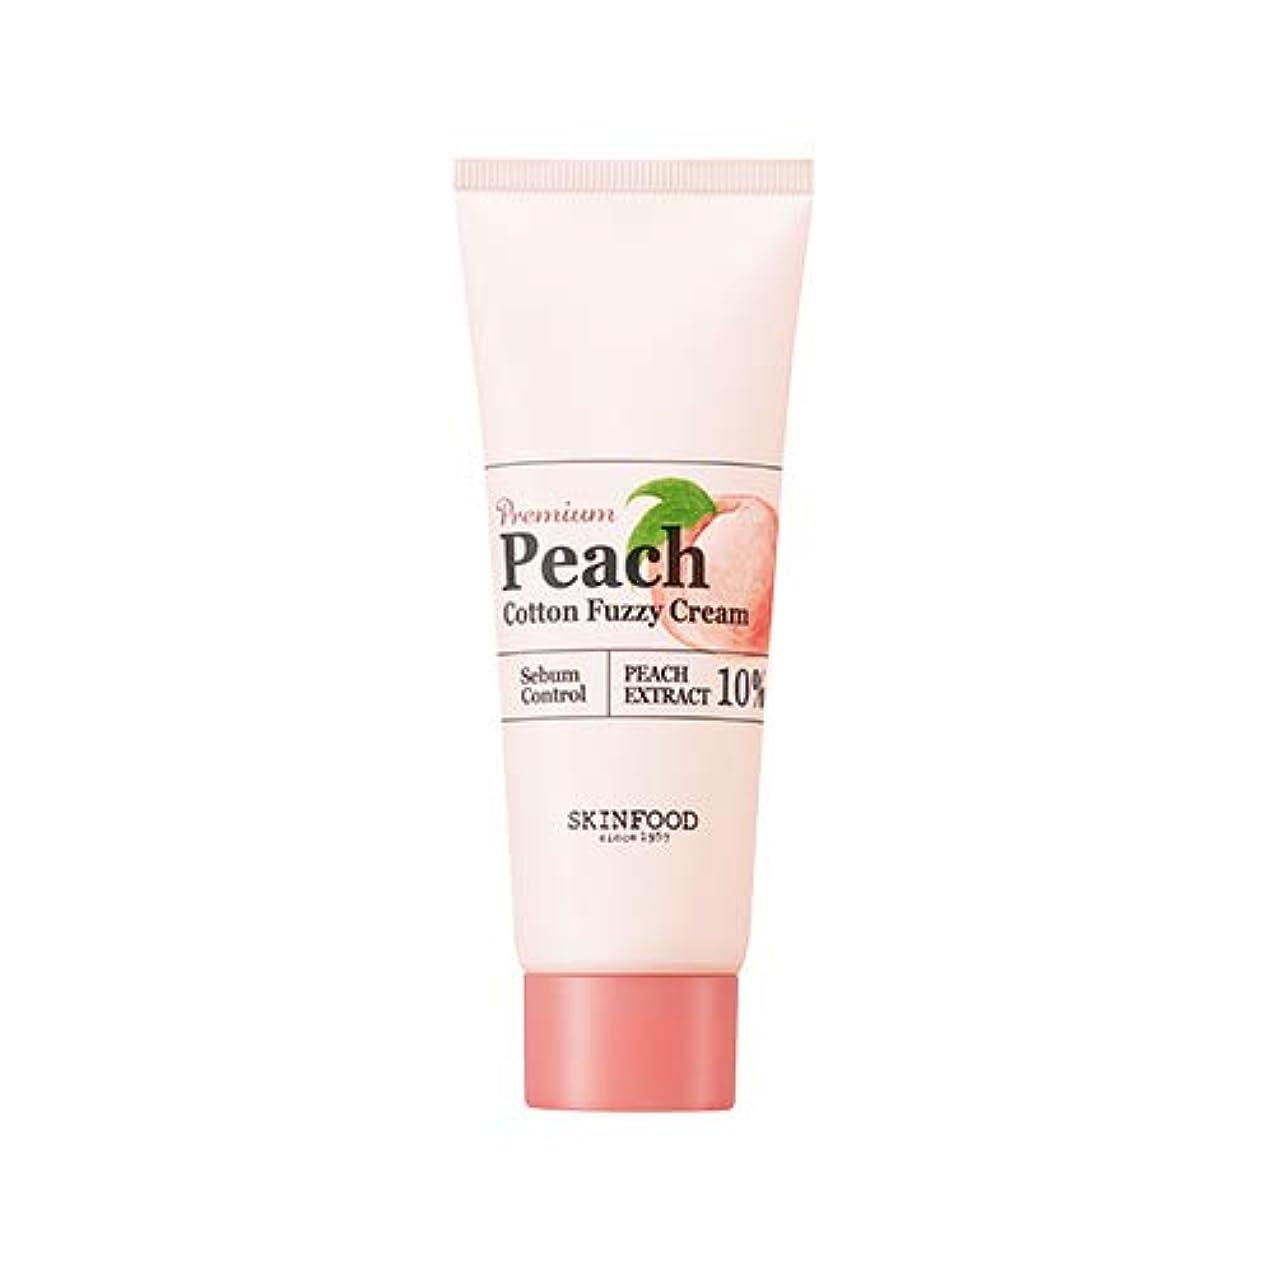 試験スキニー経度Skinfood プレミアムピーチコットンファジークリーム/Premium Peach Cotton Fuzzy Cream 65ml [並行輸入品]